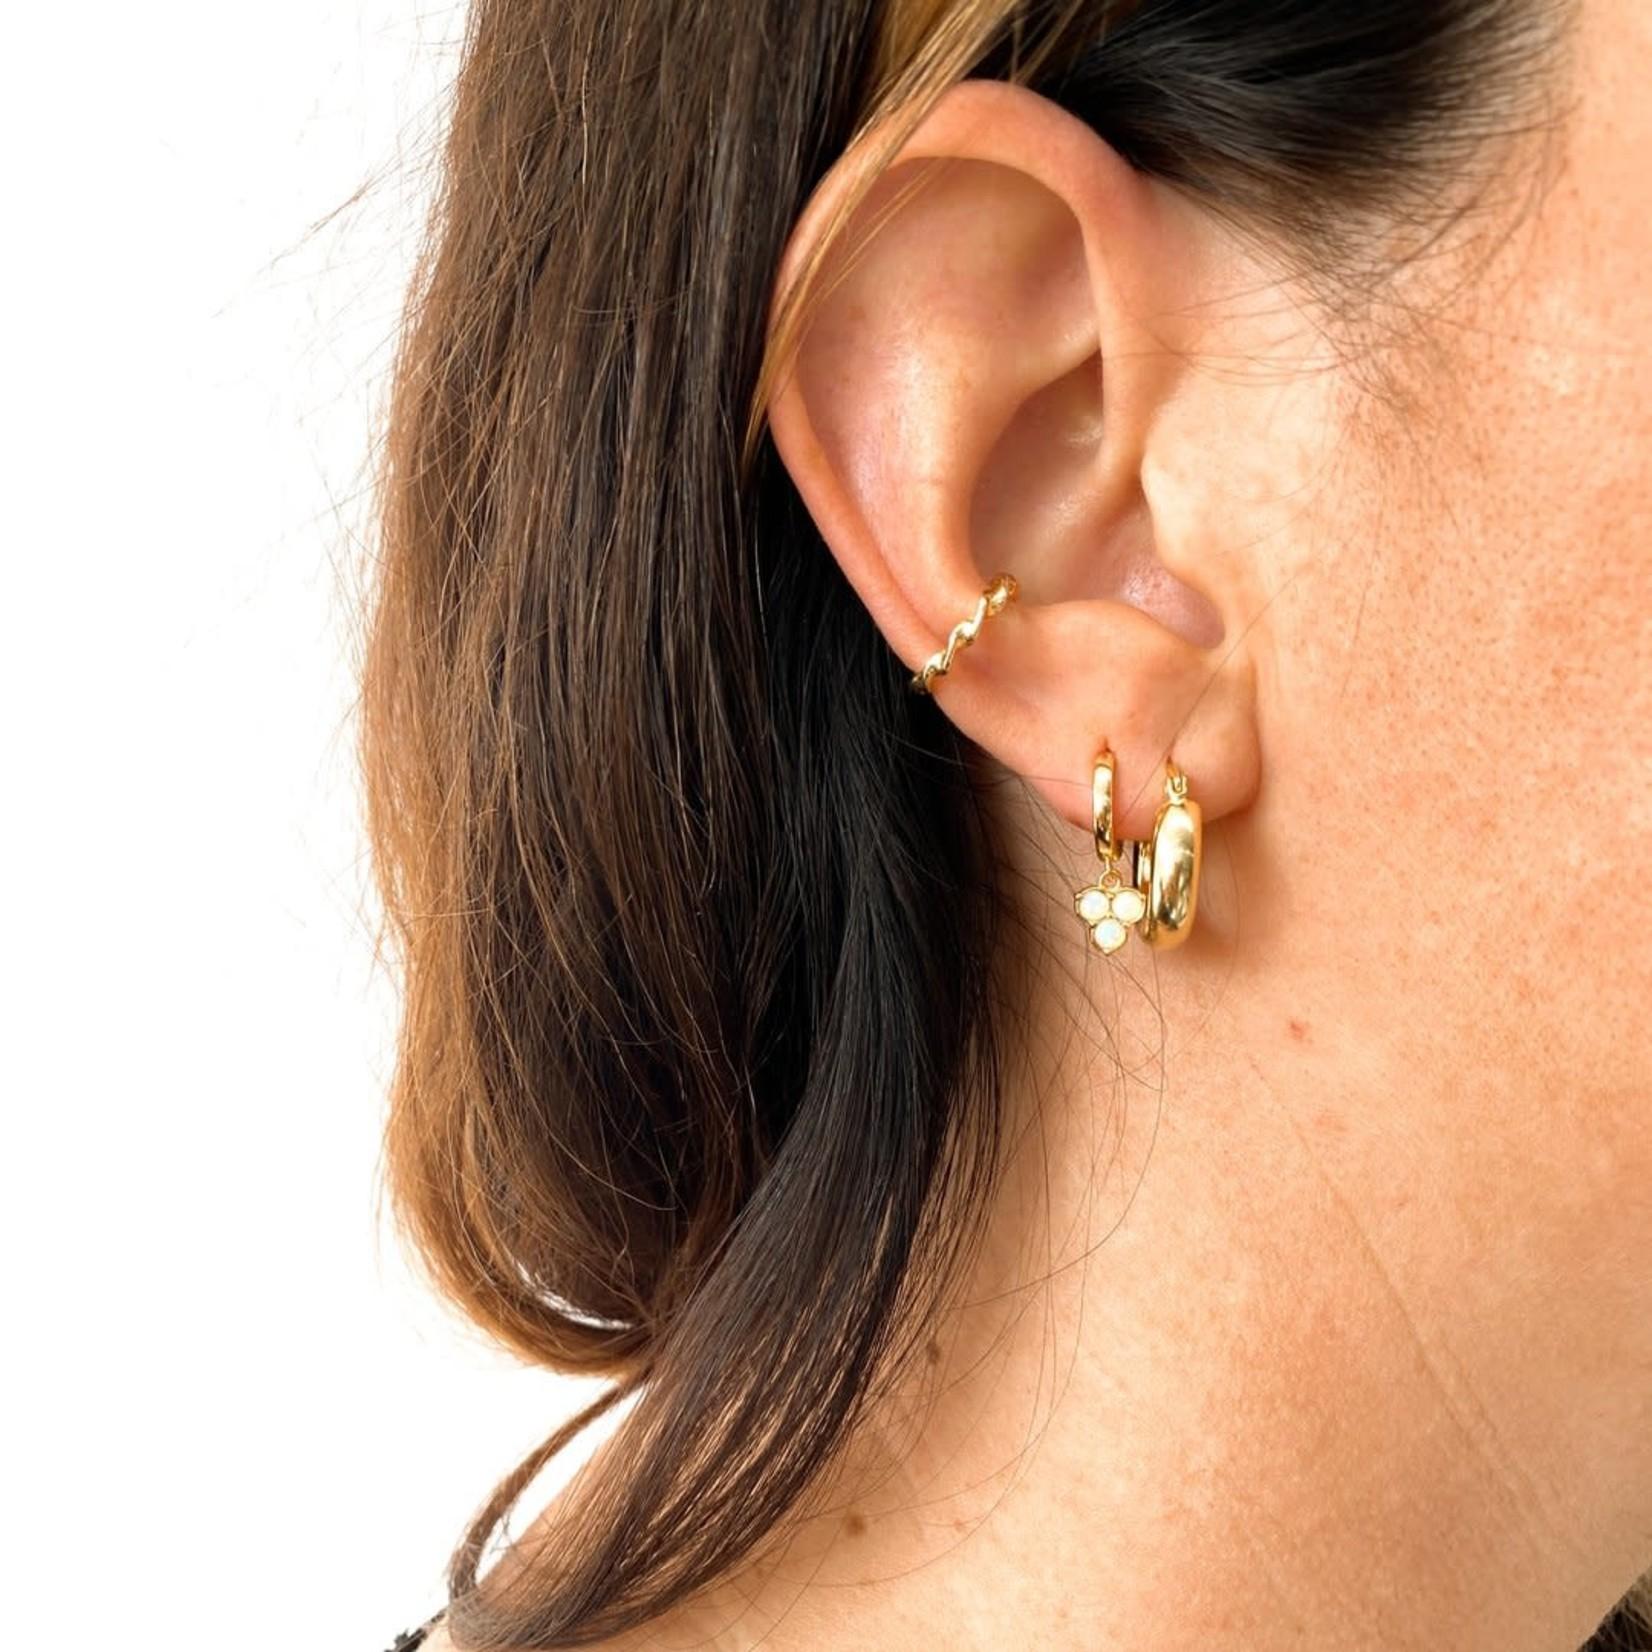 Horace Jewelry Horace boucles d'oreilles THOKO